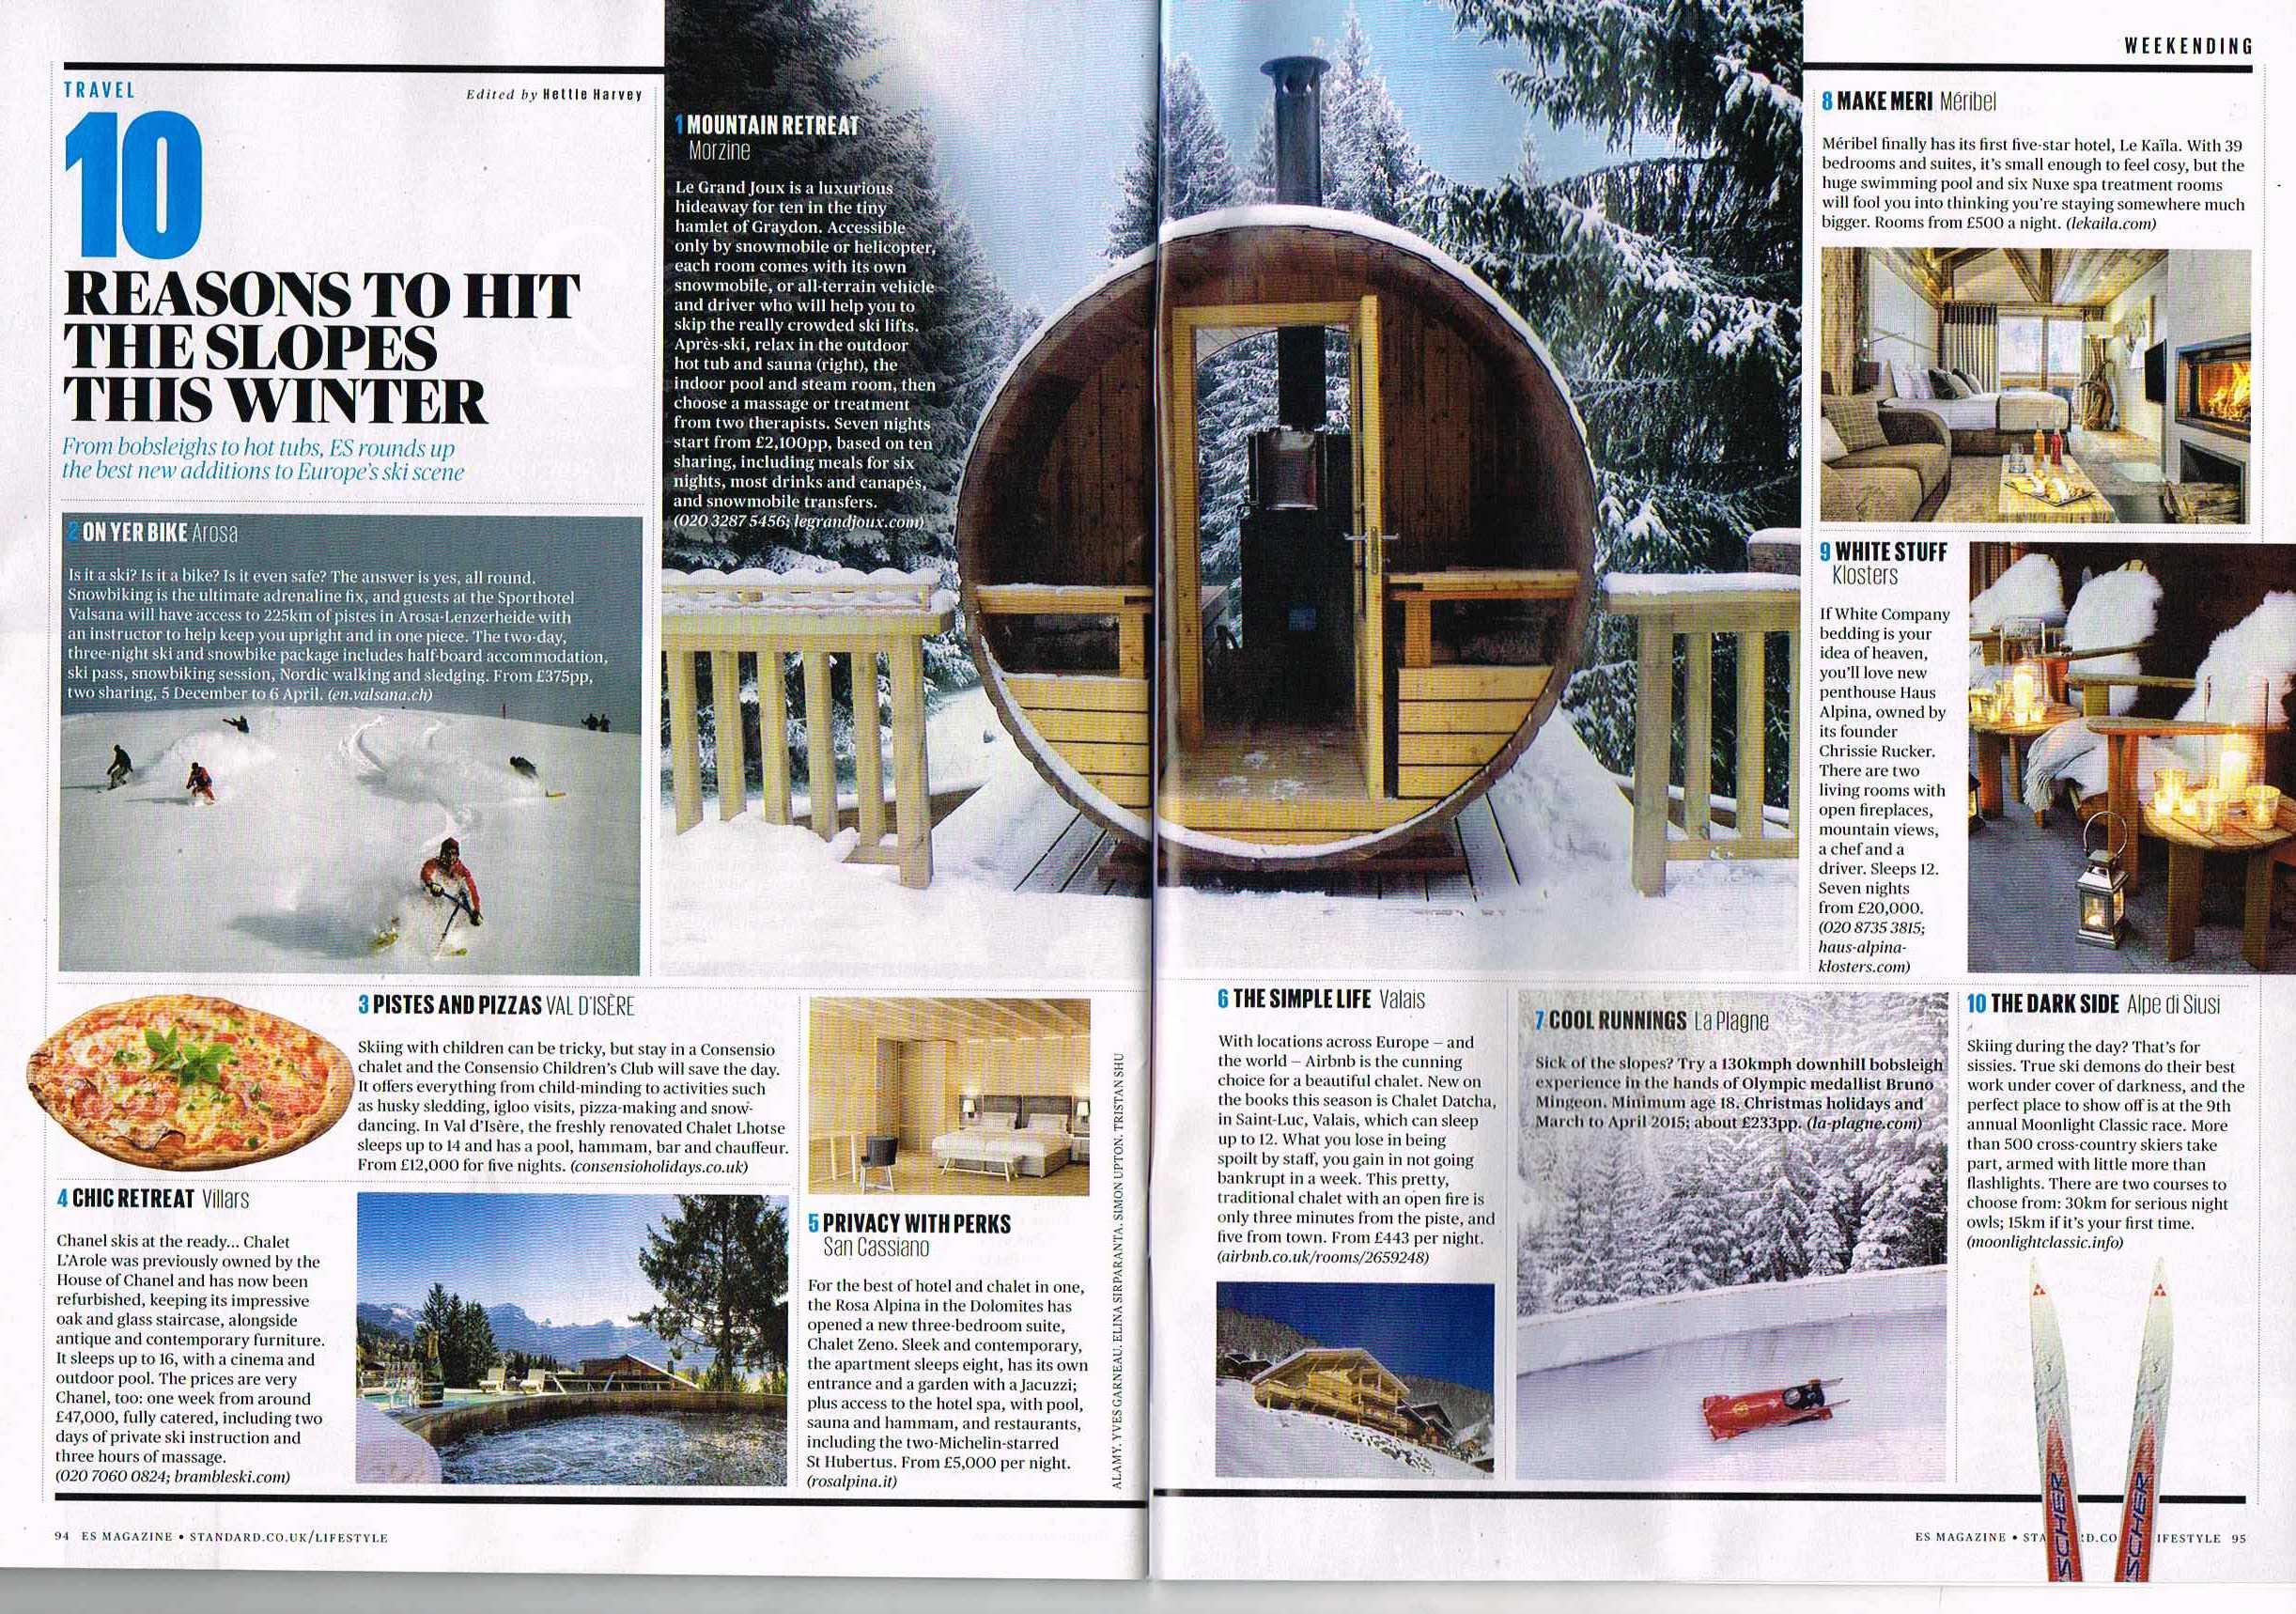 ES Magazine - Haus Alpina - 4th December 2014